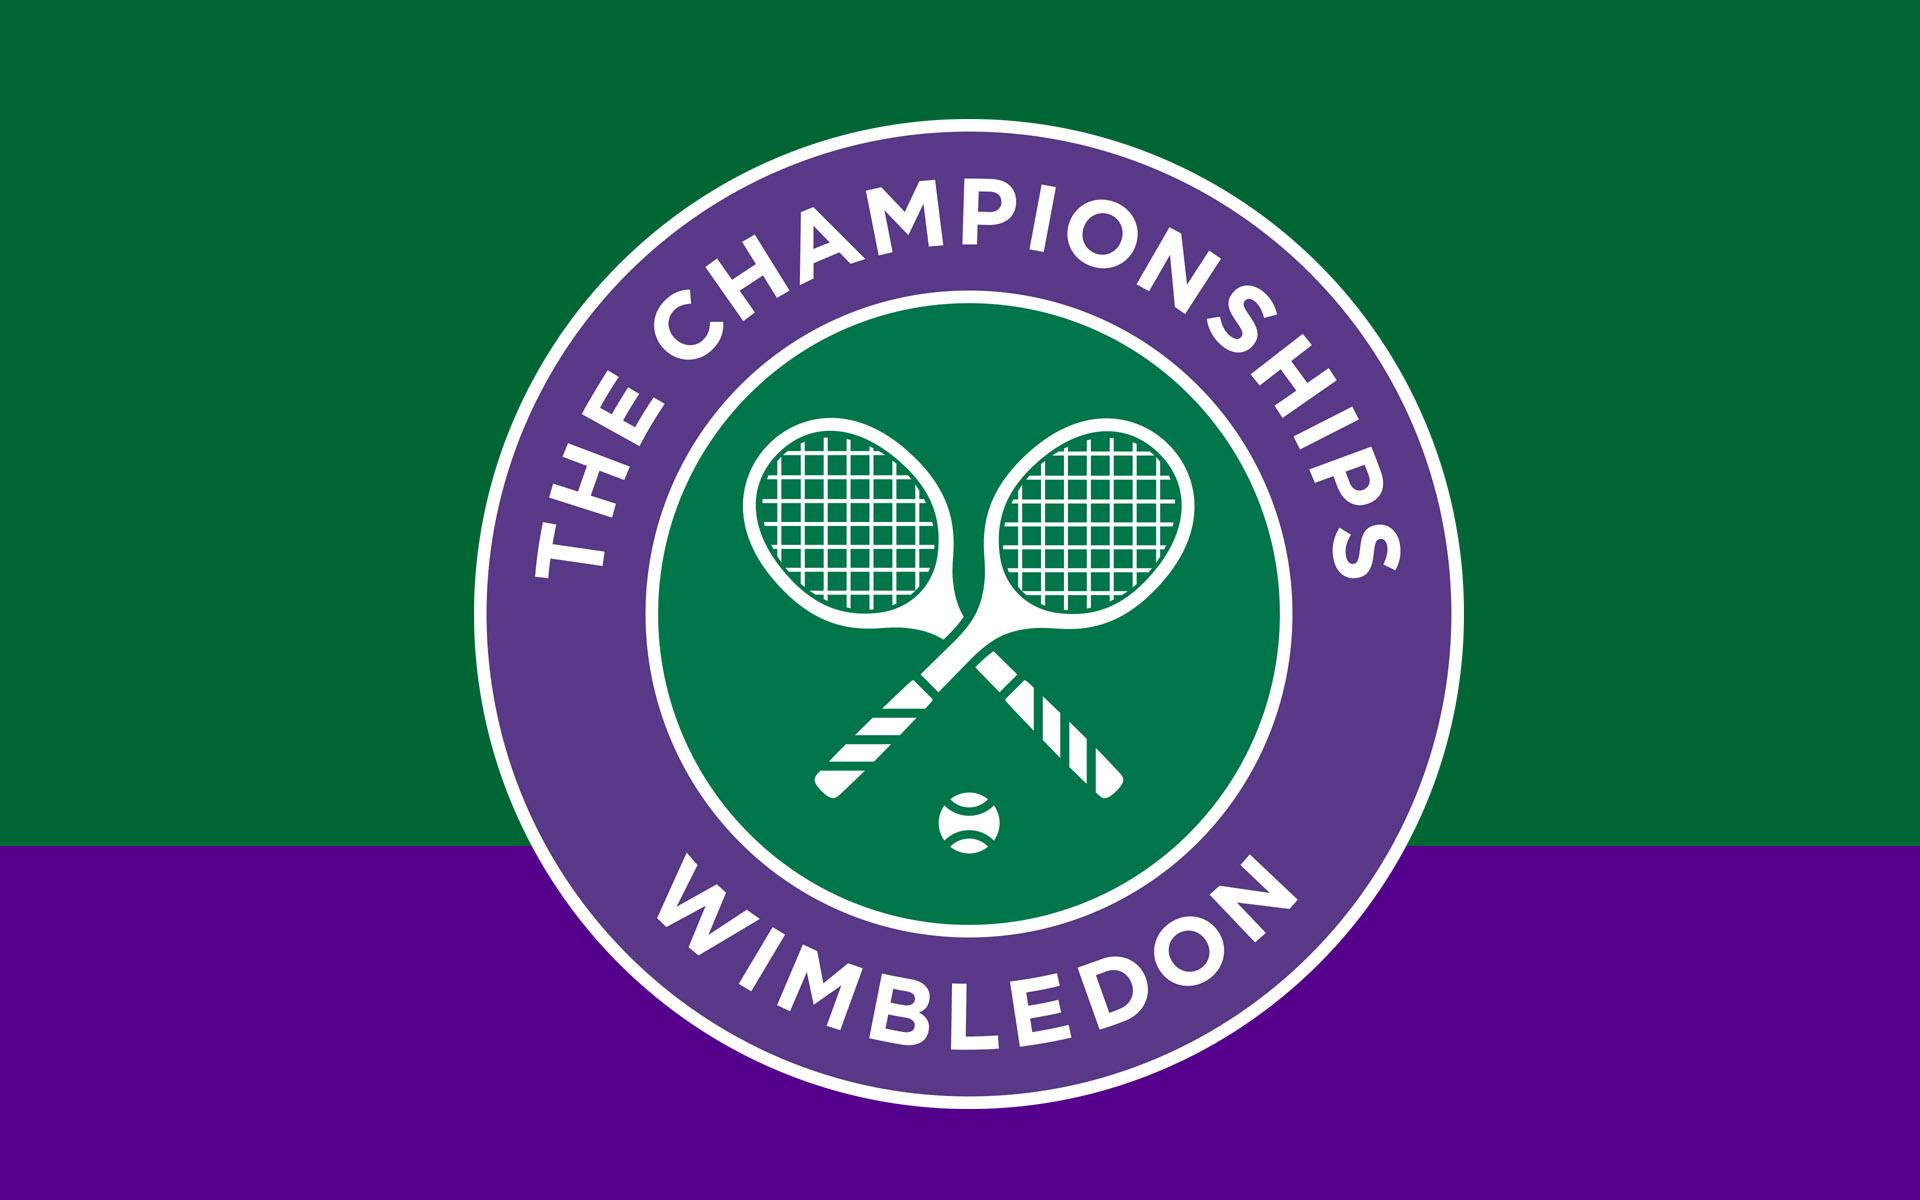 El Campeonato De Wimbledon  Se Disputa Entre Los Dias  De Junio Y El  De Julio De  Sobre Pistas De Cesped Del All England Lawn Tennis And